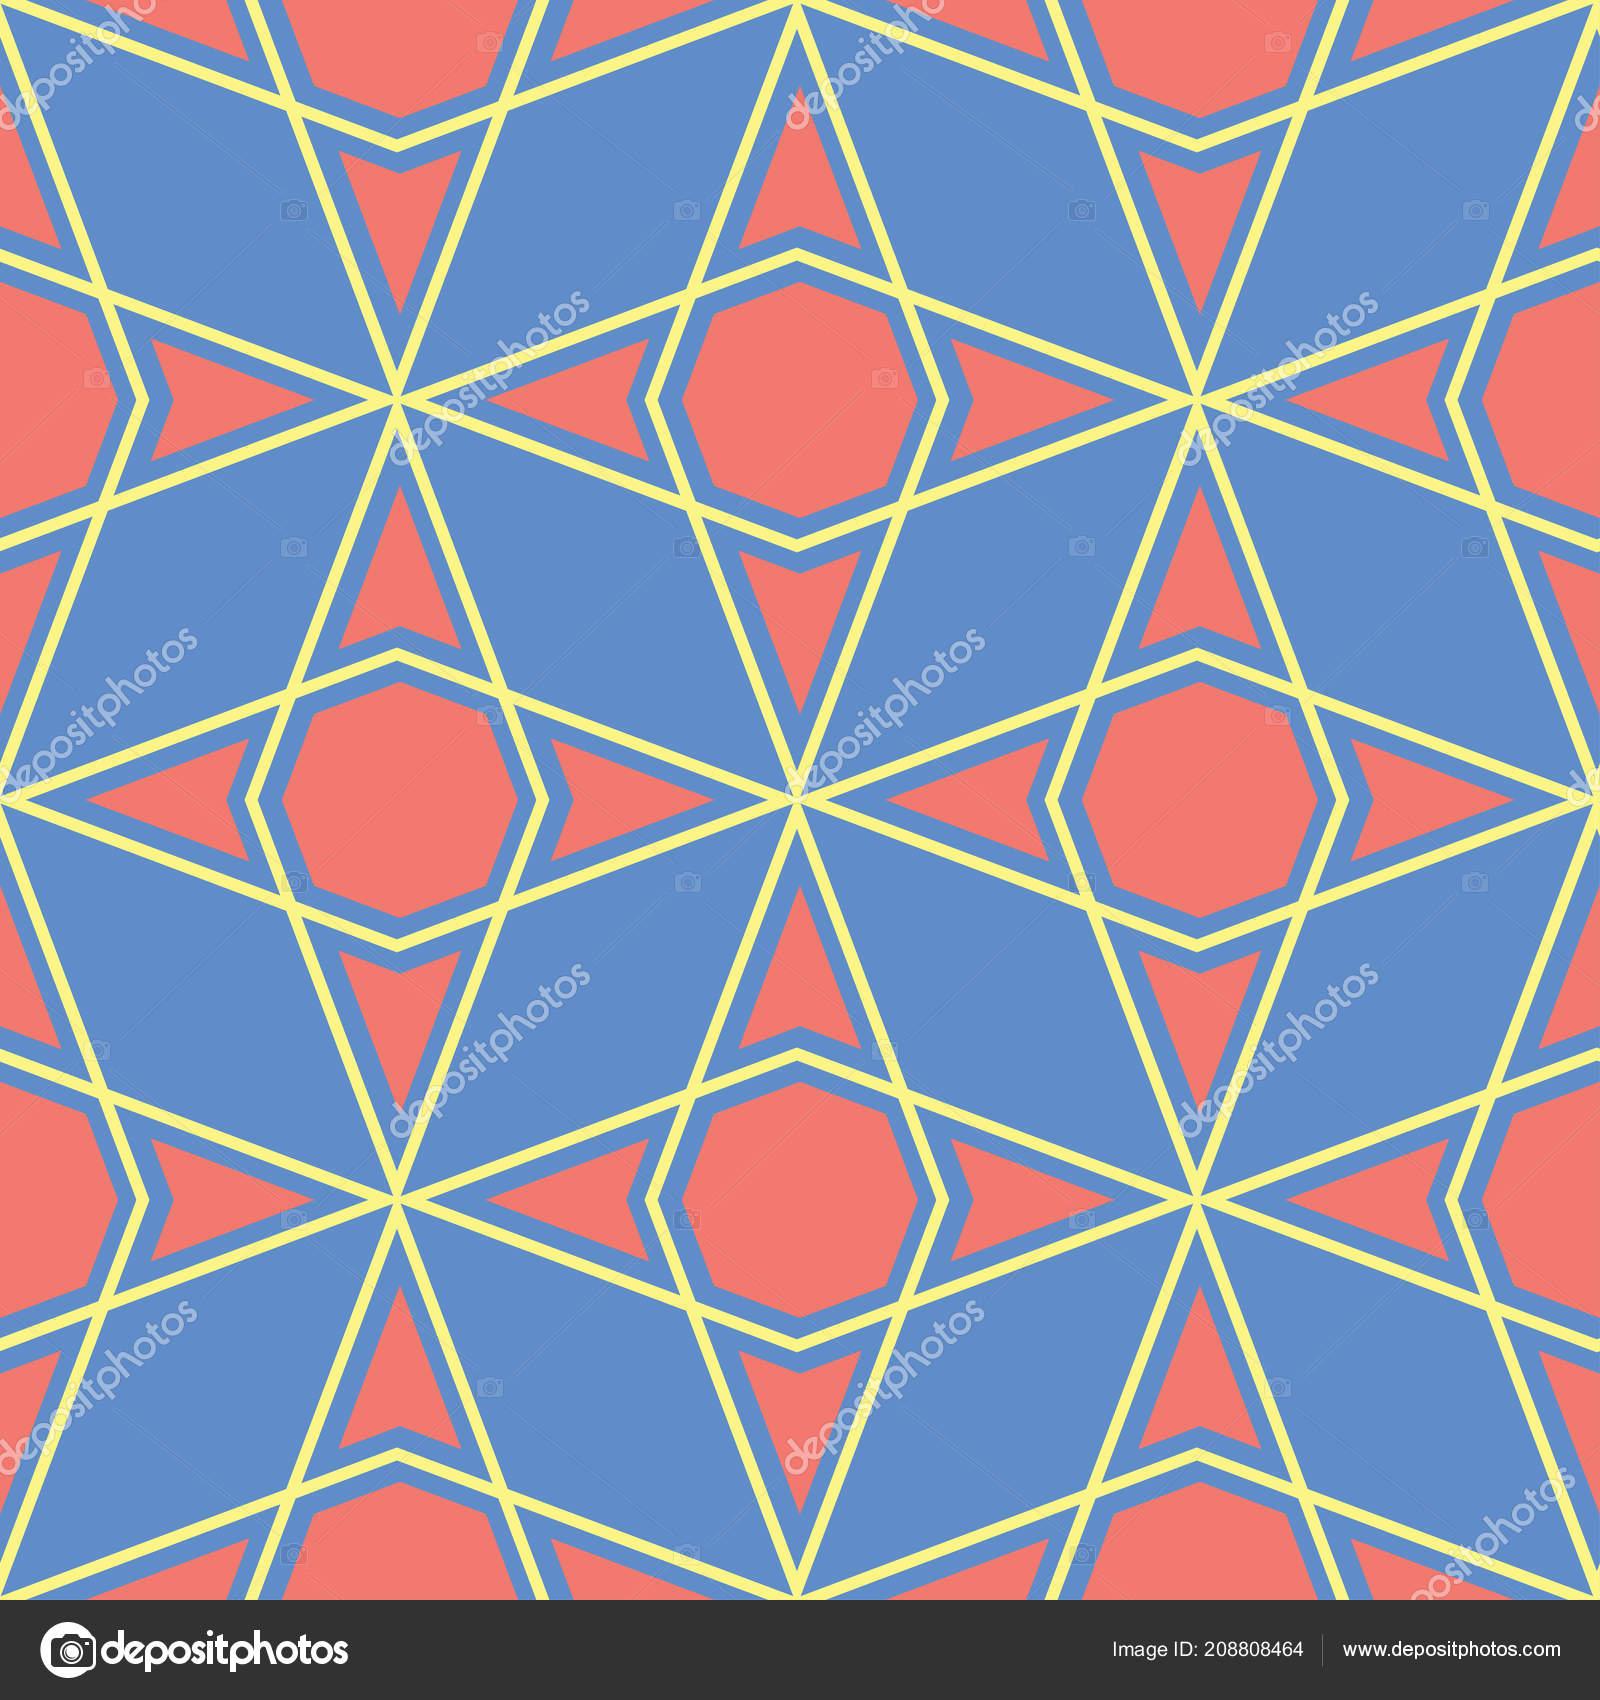 Motif Geometrique Seamless Bleu Multi Couleur Fond Avec Dessin Rouge